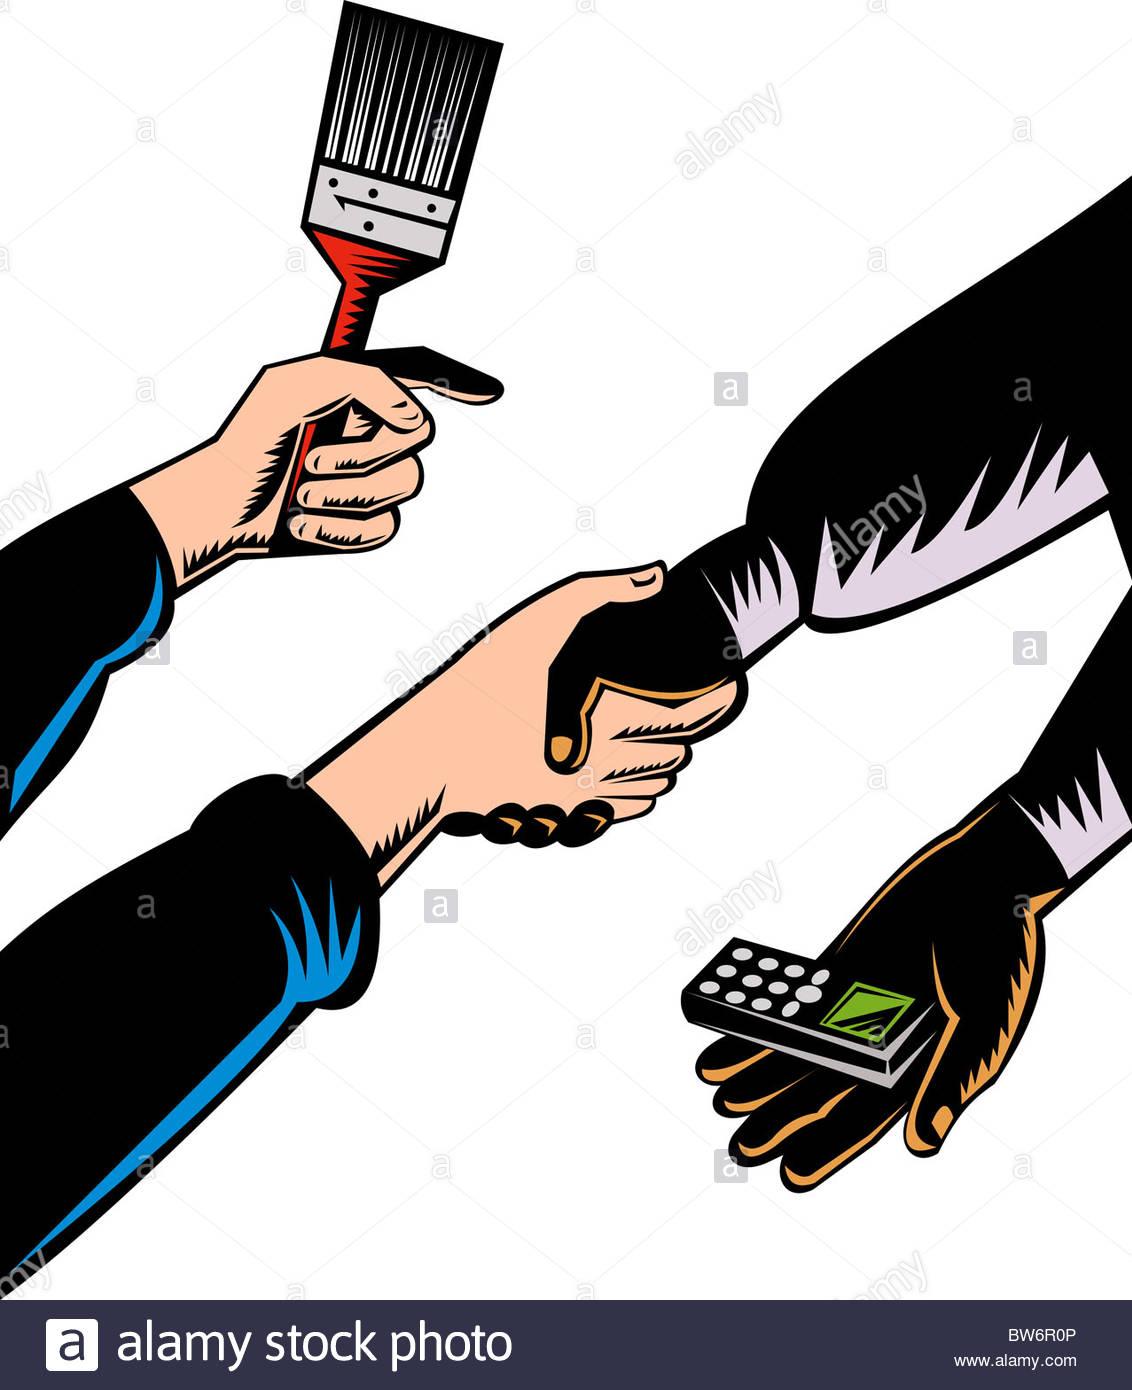 1132x1390 Illustration Of A Handshake Bartering Cellphone For Paint Brush